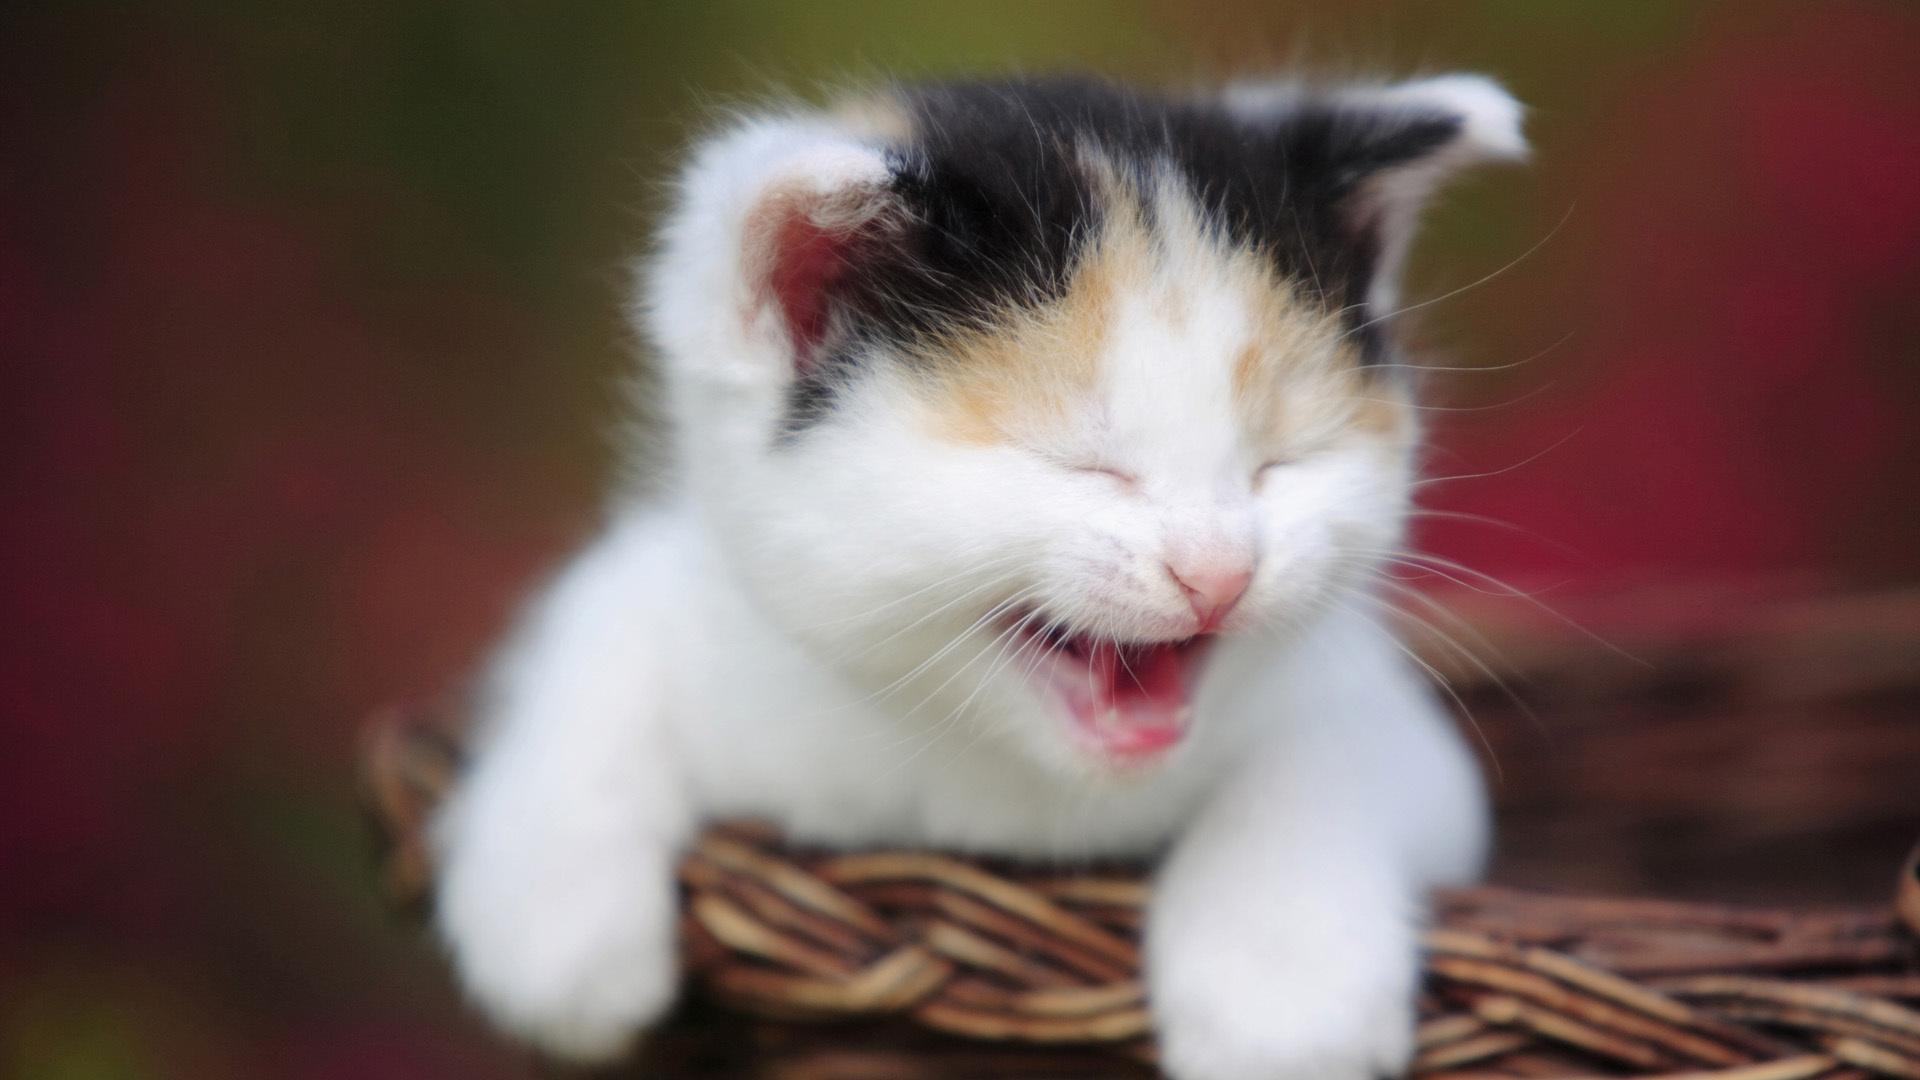 мордочка котенка в хорошем качестве